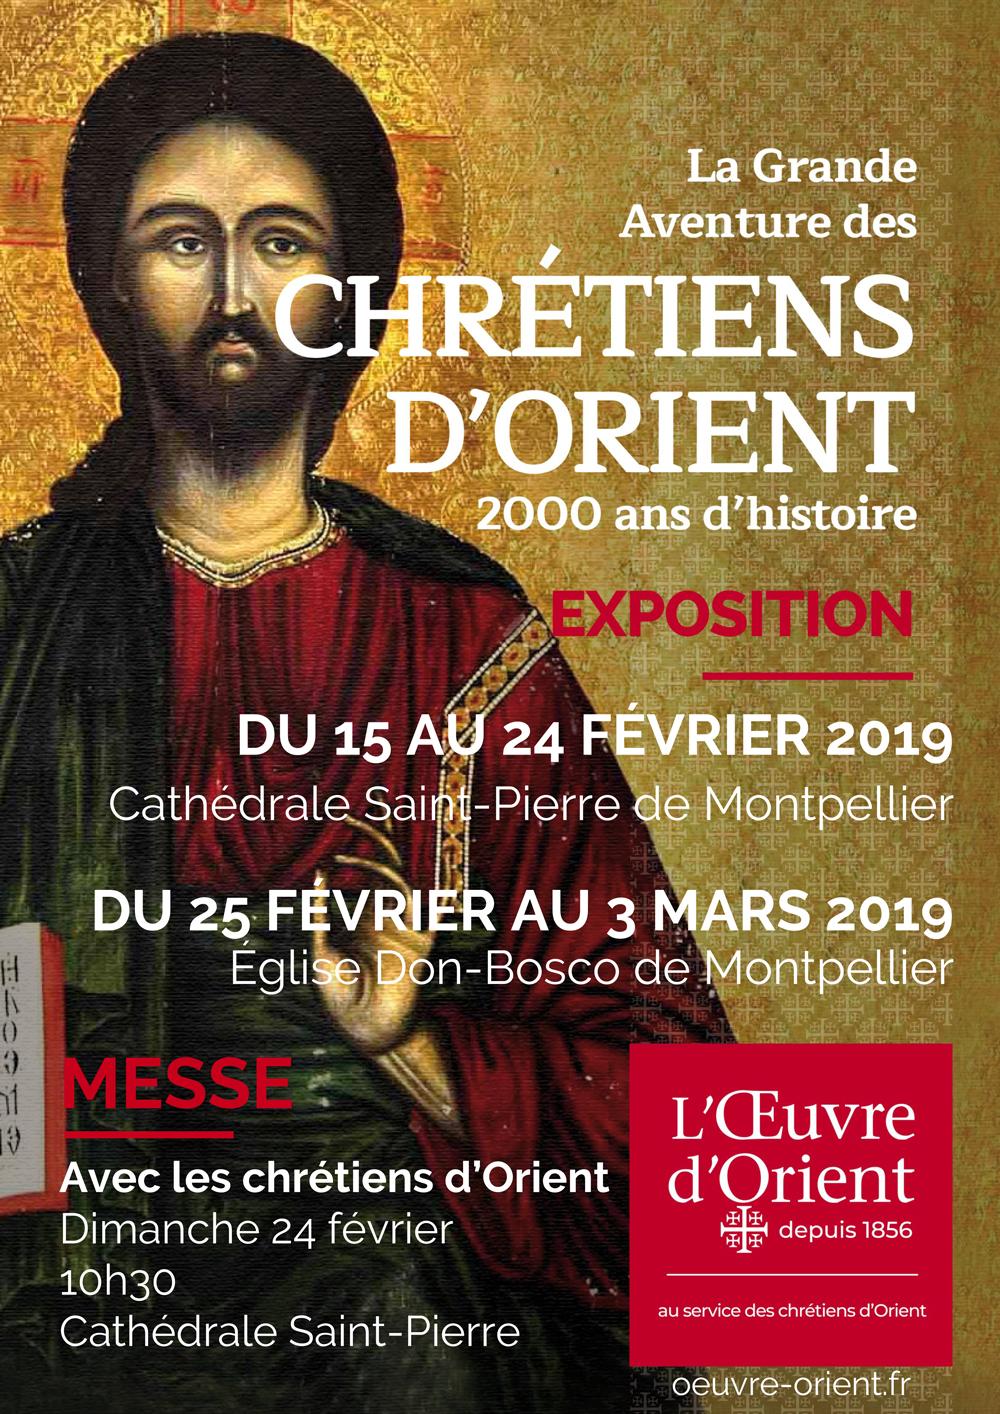 Exposition La Grande aventure des Chrétiens d'Orient jusqu'au 3 mars 2019 à Montpellier (34)